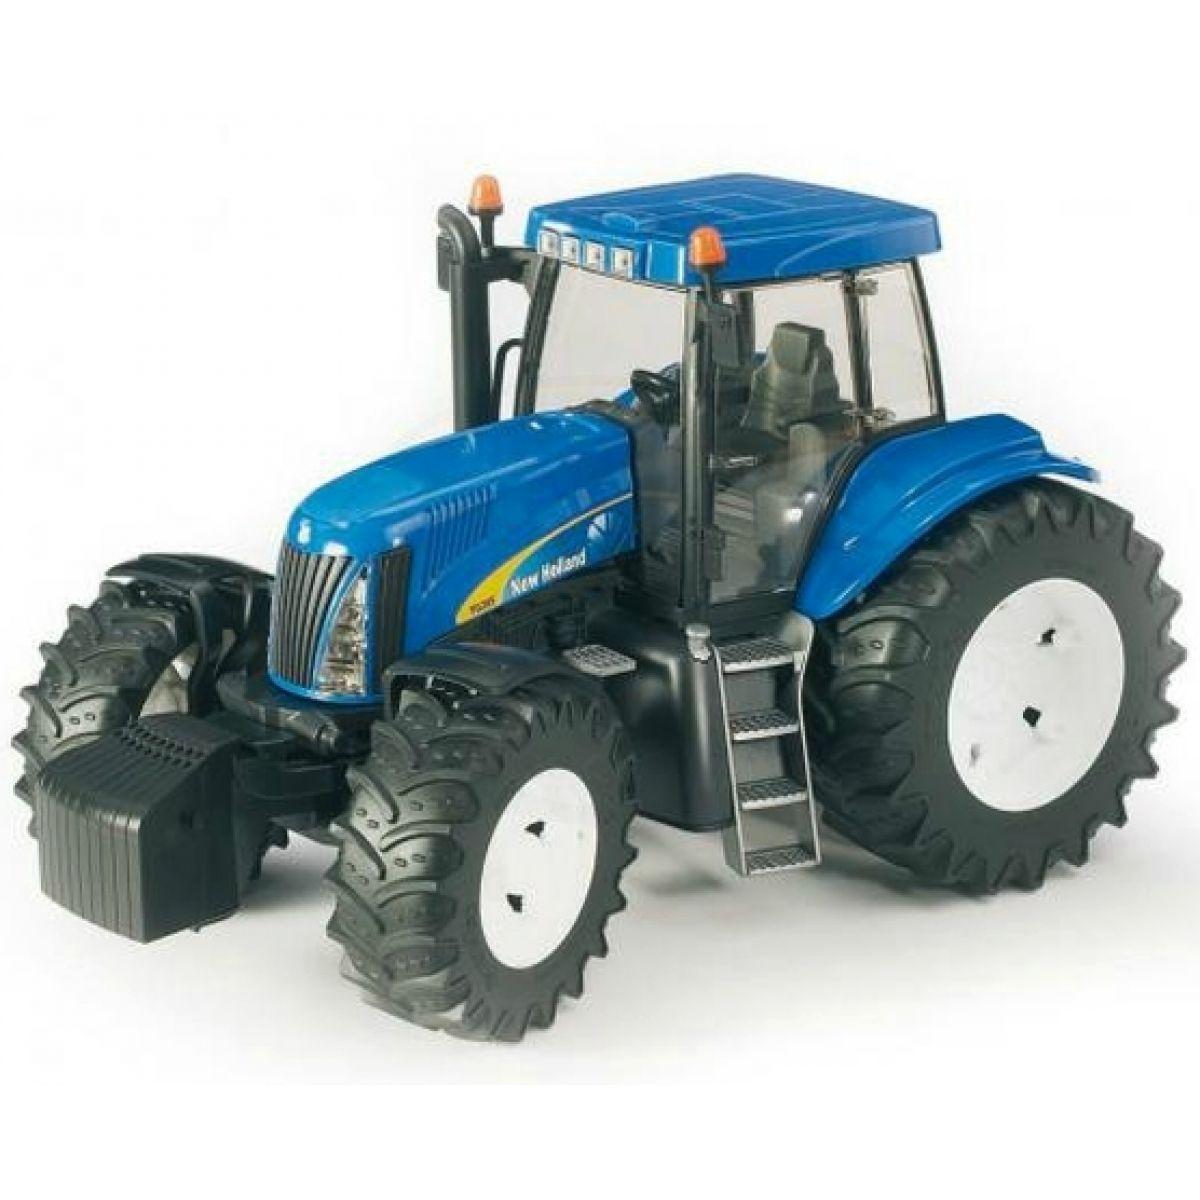 bruder 03020 traktor new holland tg285 4kids. Black Bedroom Furniture Sets. Home Design Ideas